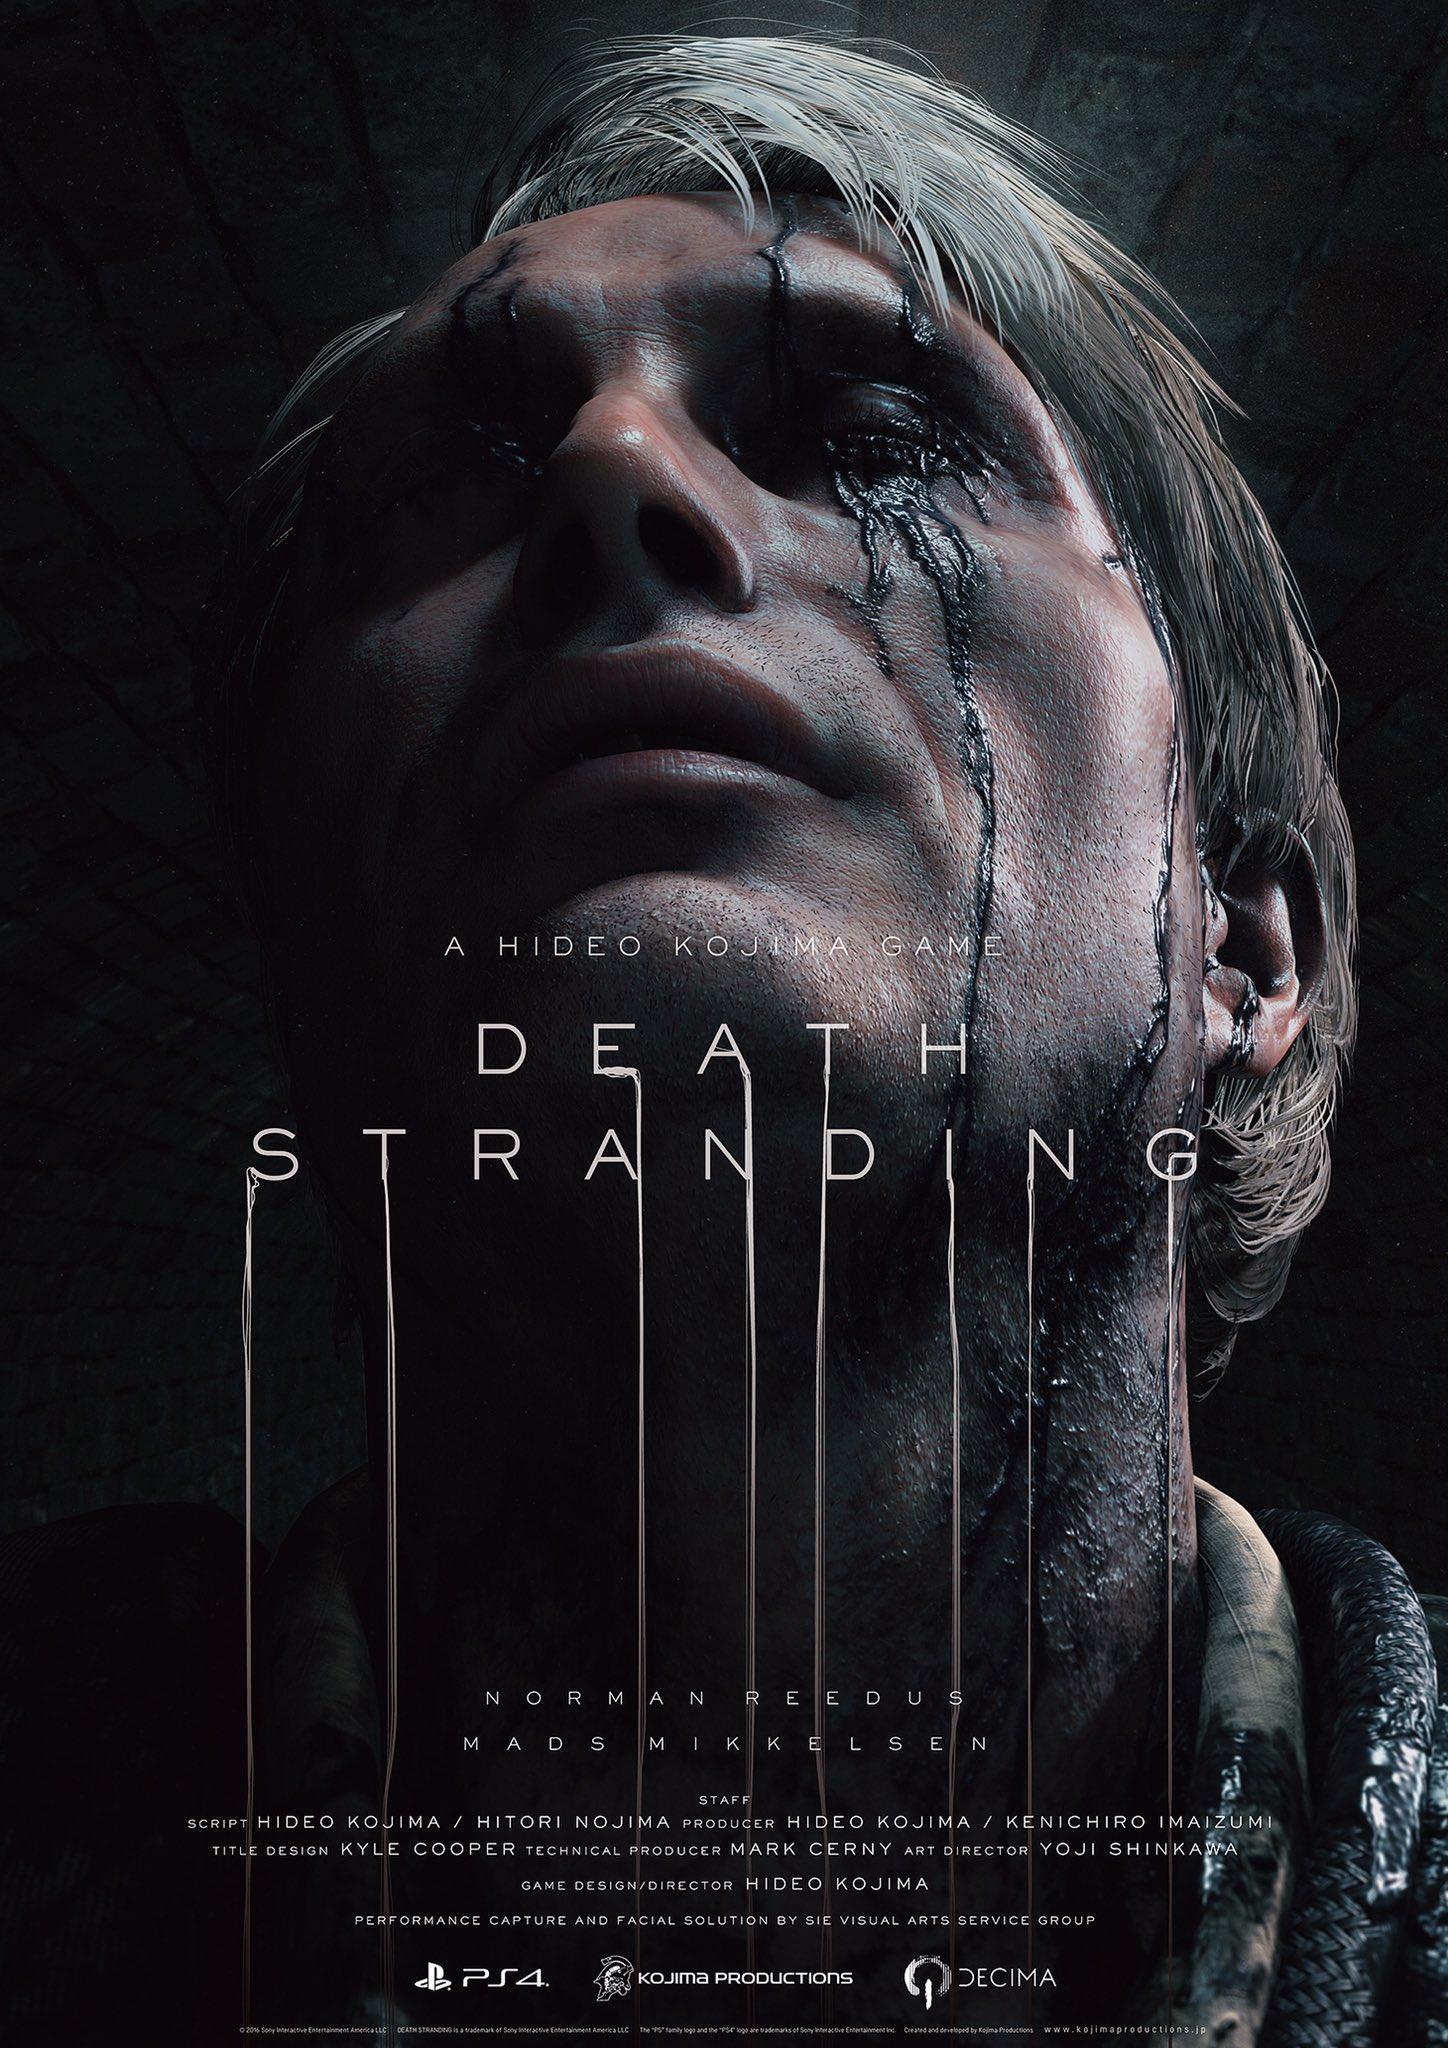 Death Stranding Poster Mads Mikkelsen